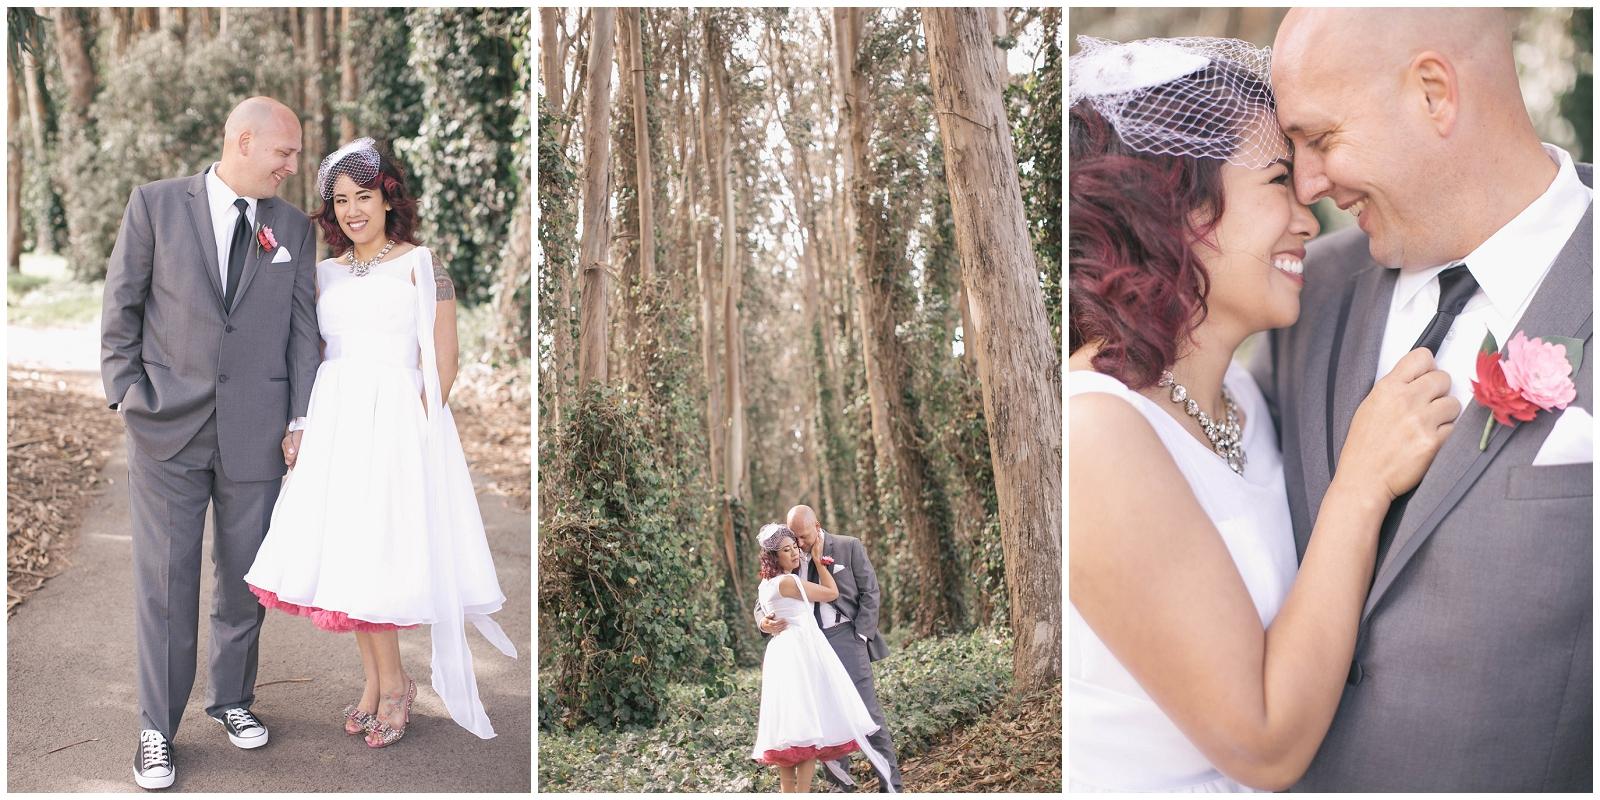 San-Francisco-Bay-Area-Wedding-Photography-Presidio-13.jpg